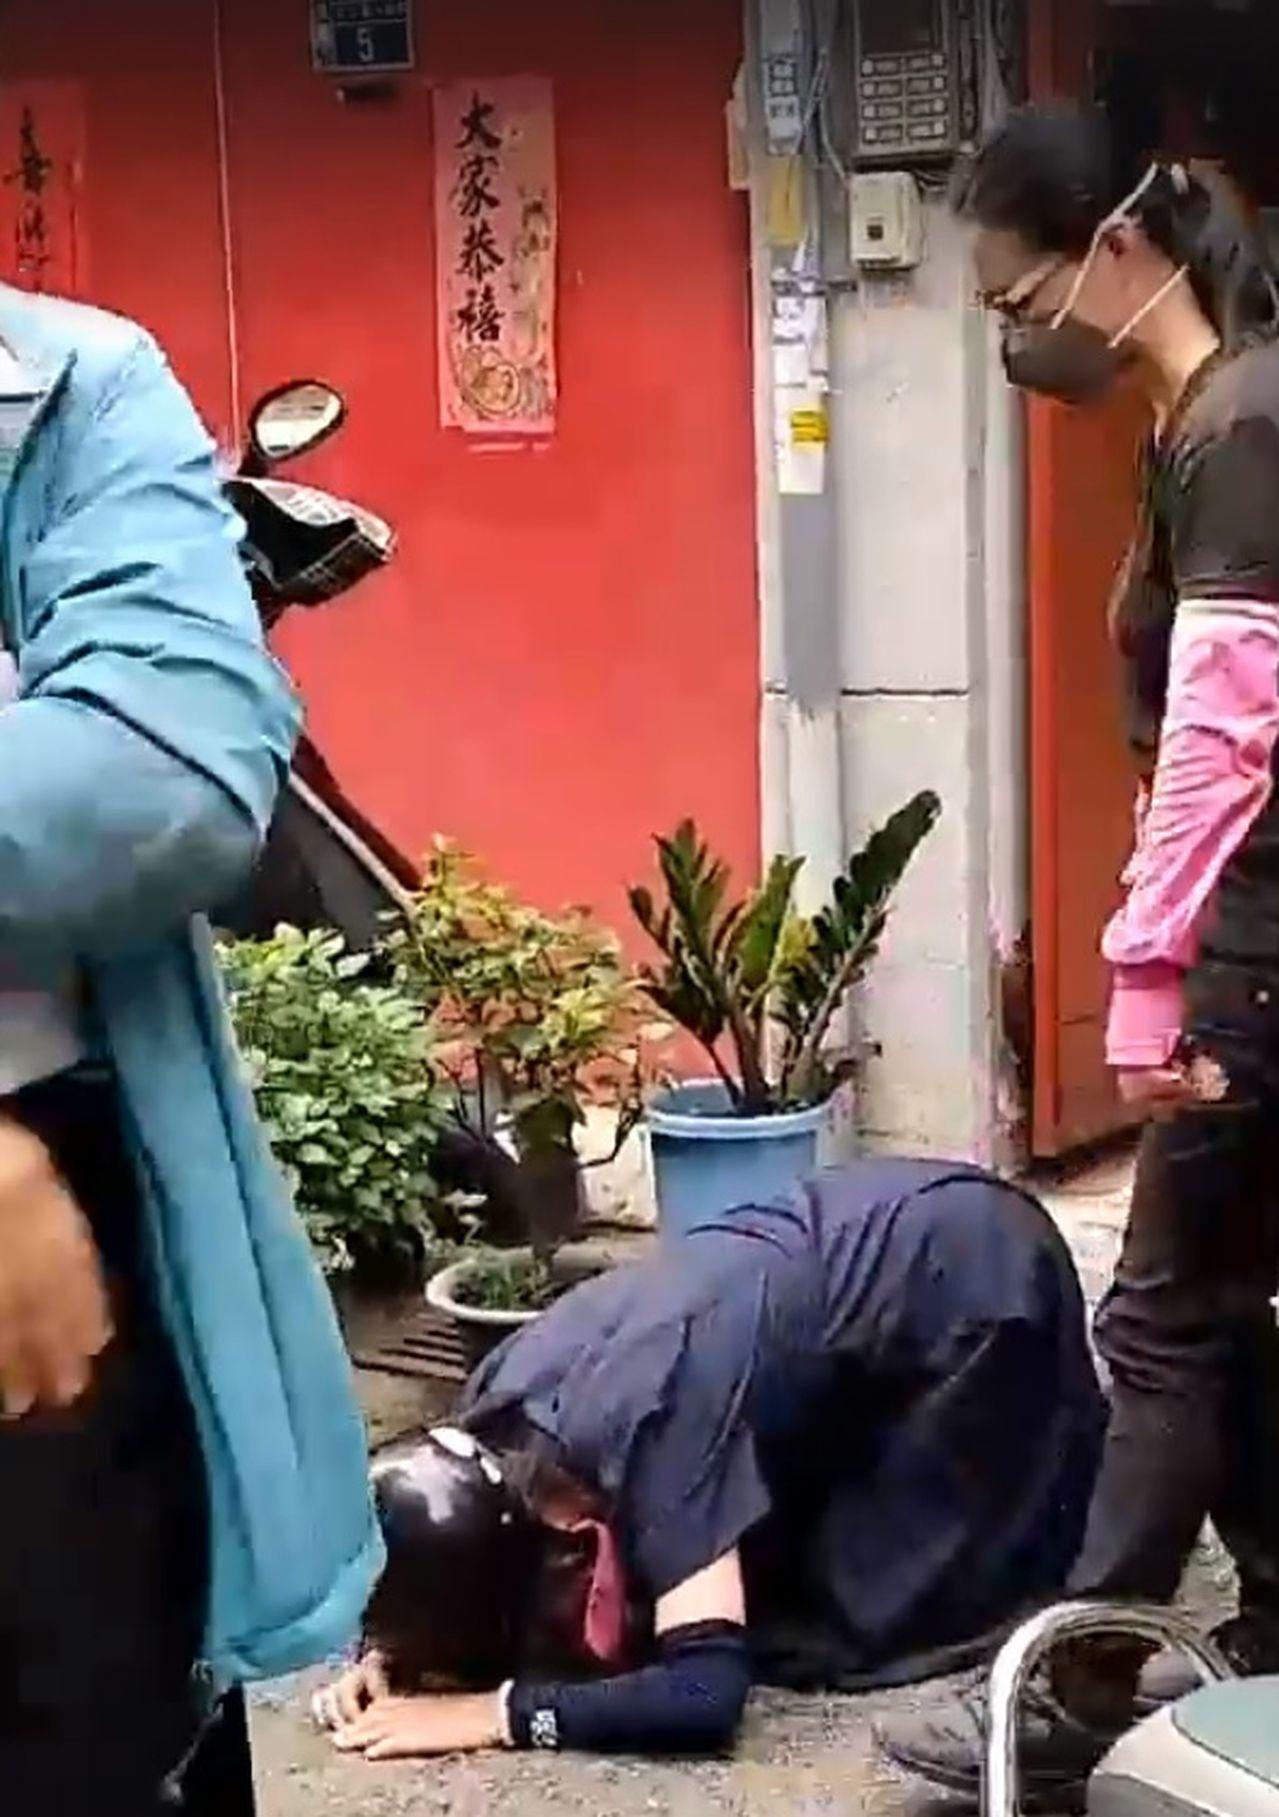 婦人拒絕防疫人員進屋噴藥,不惜下跪阻止。圖/翻攝臉書「台中市政府環境保護局工會」